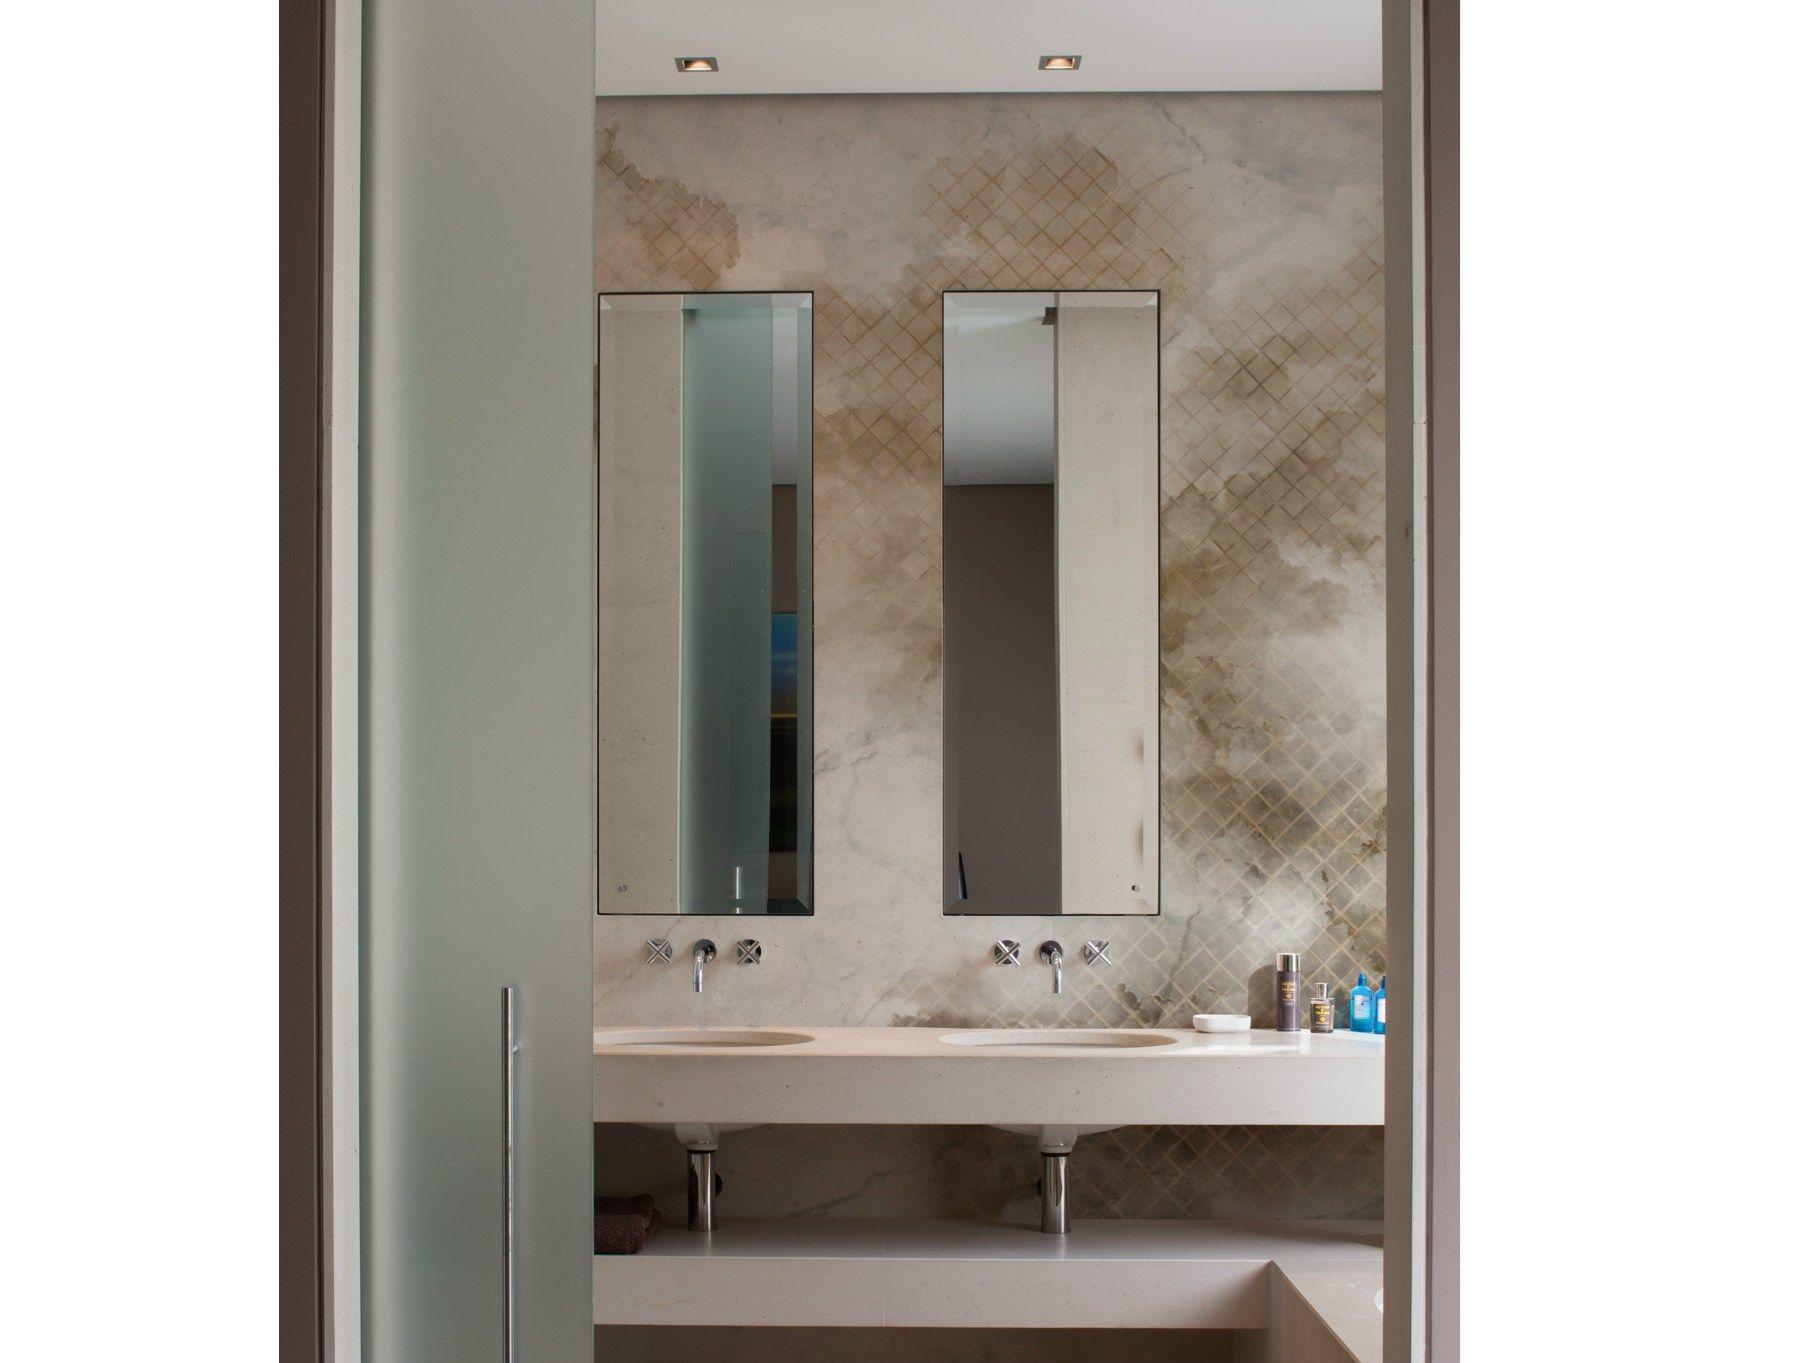 Carta da parati effetto muro per bagno cloudy by wall dec for Carta adesiva per piastrelle bagno